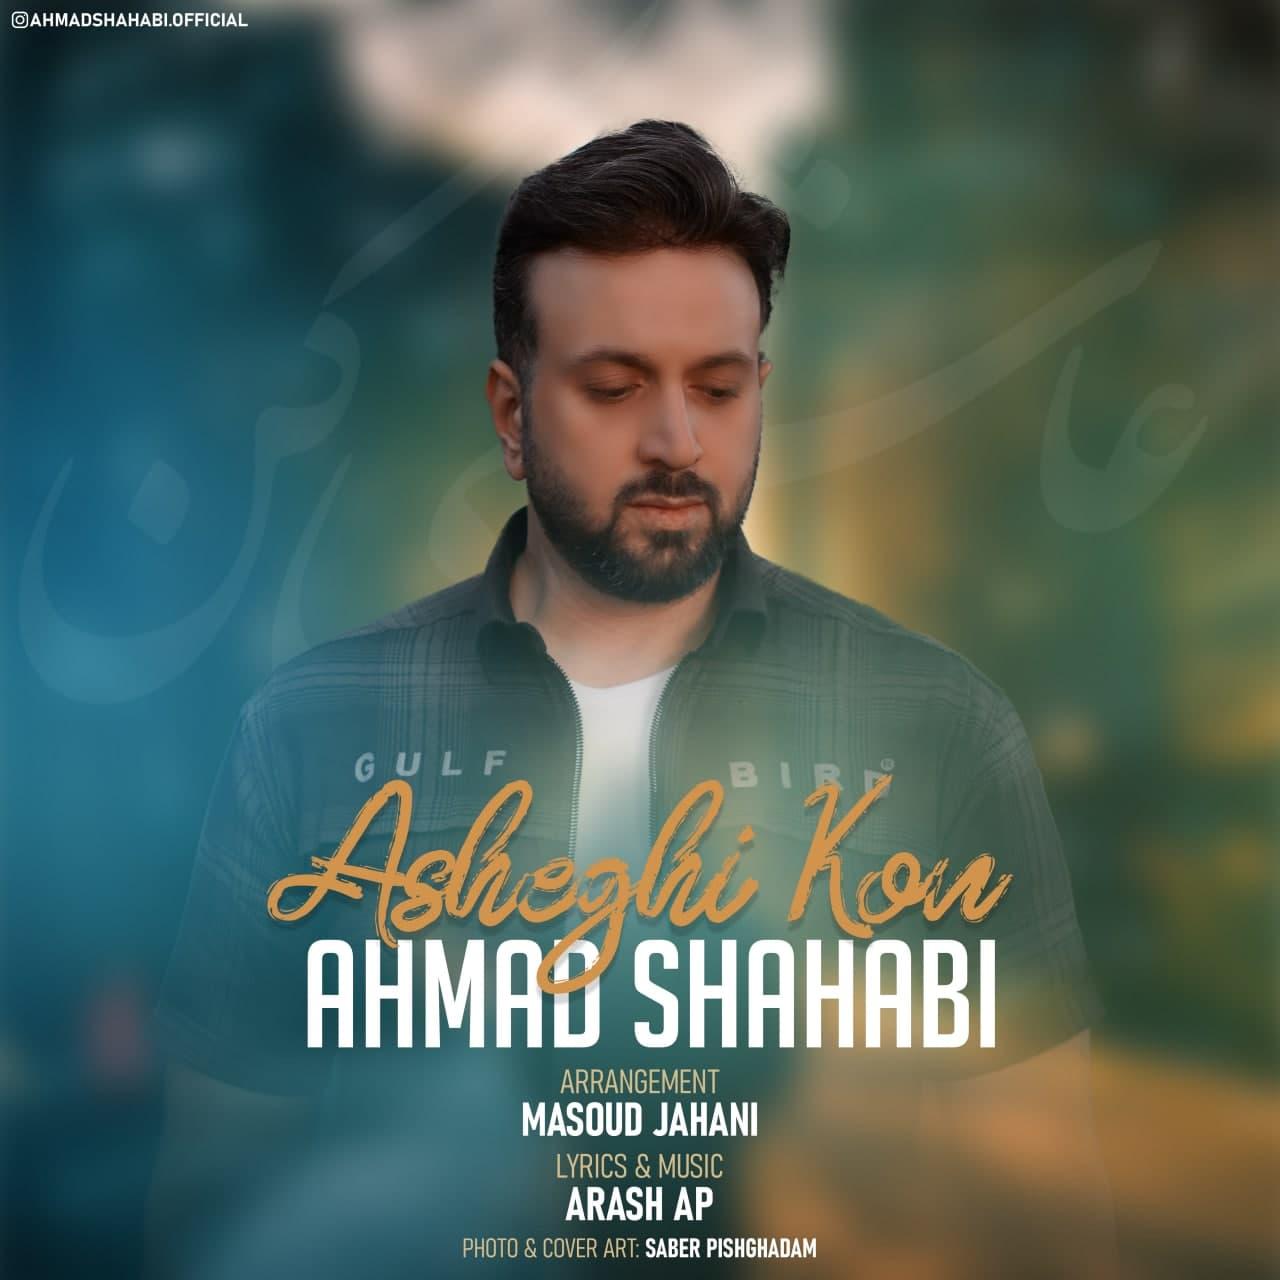 دانلود آهنگ احمد شهابی عاشقی کن